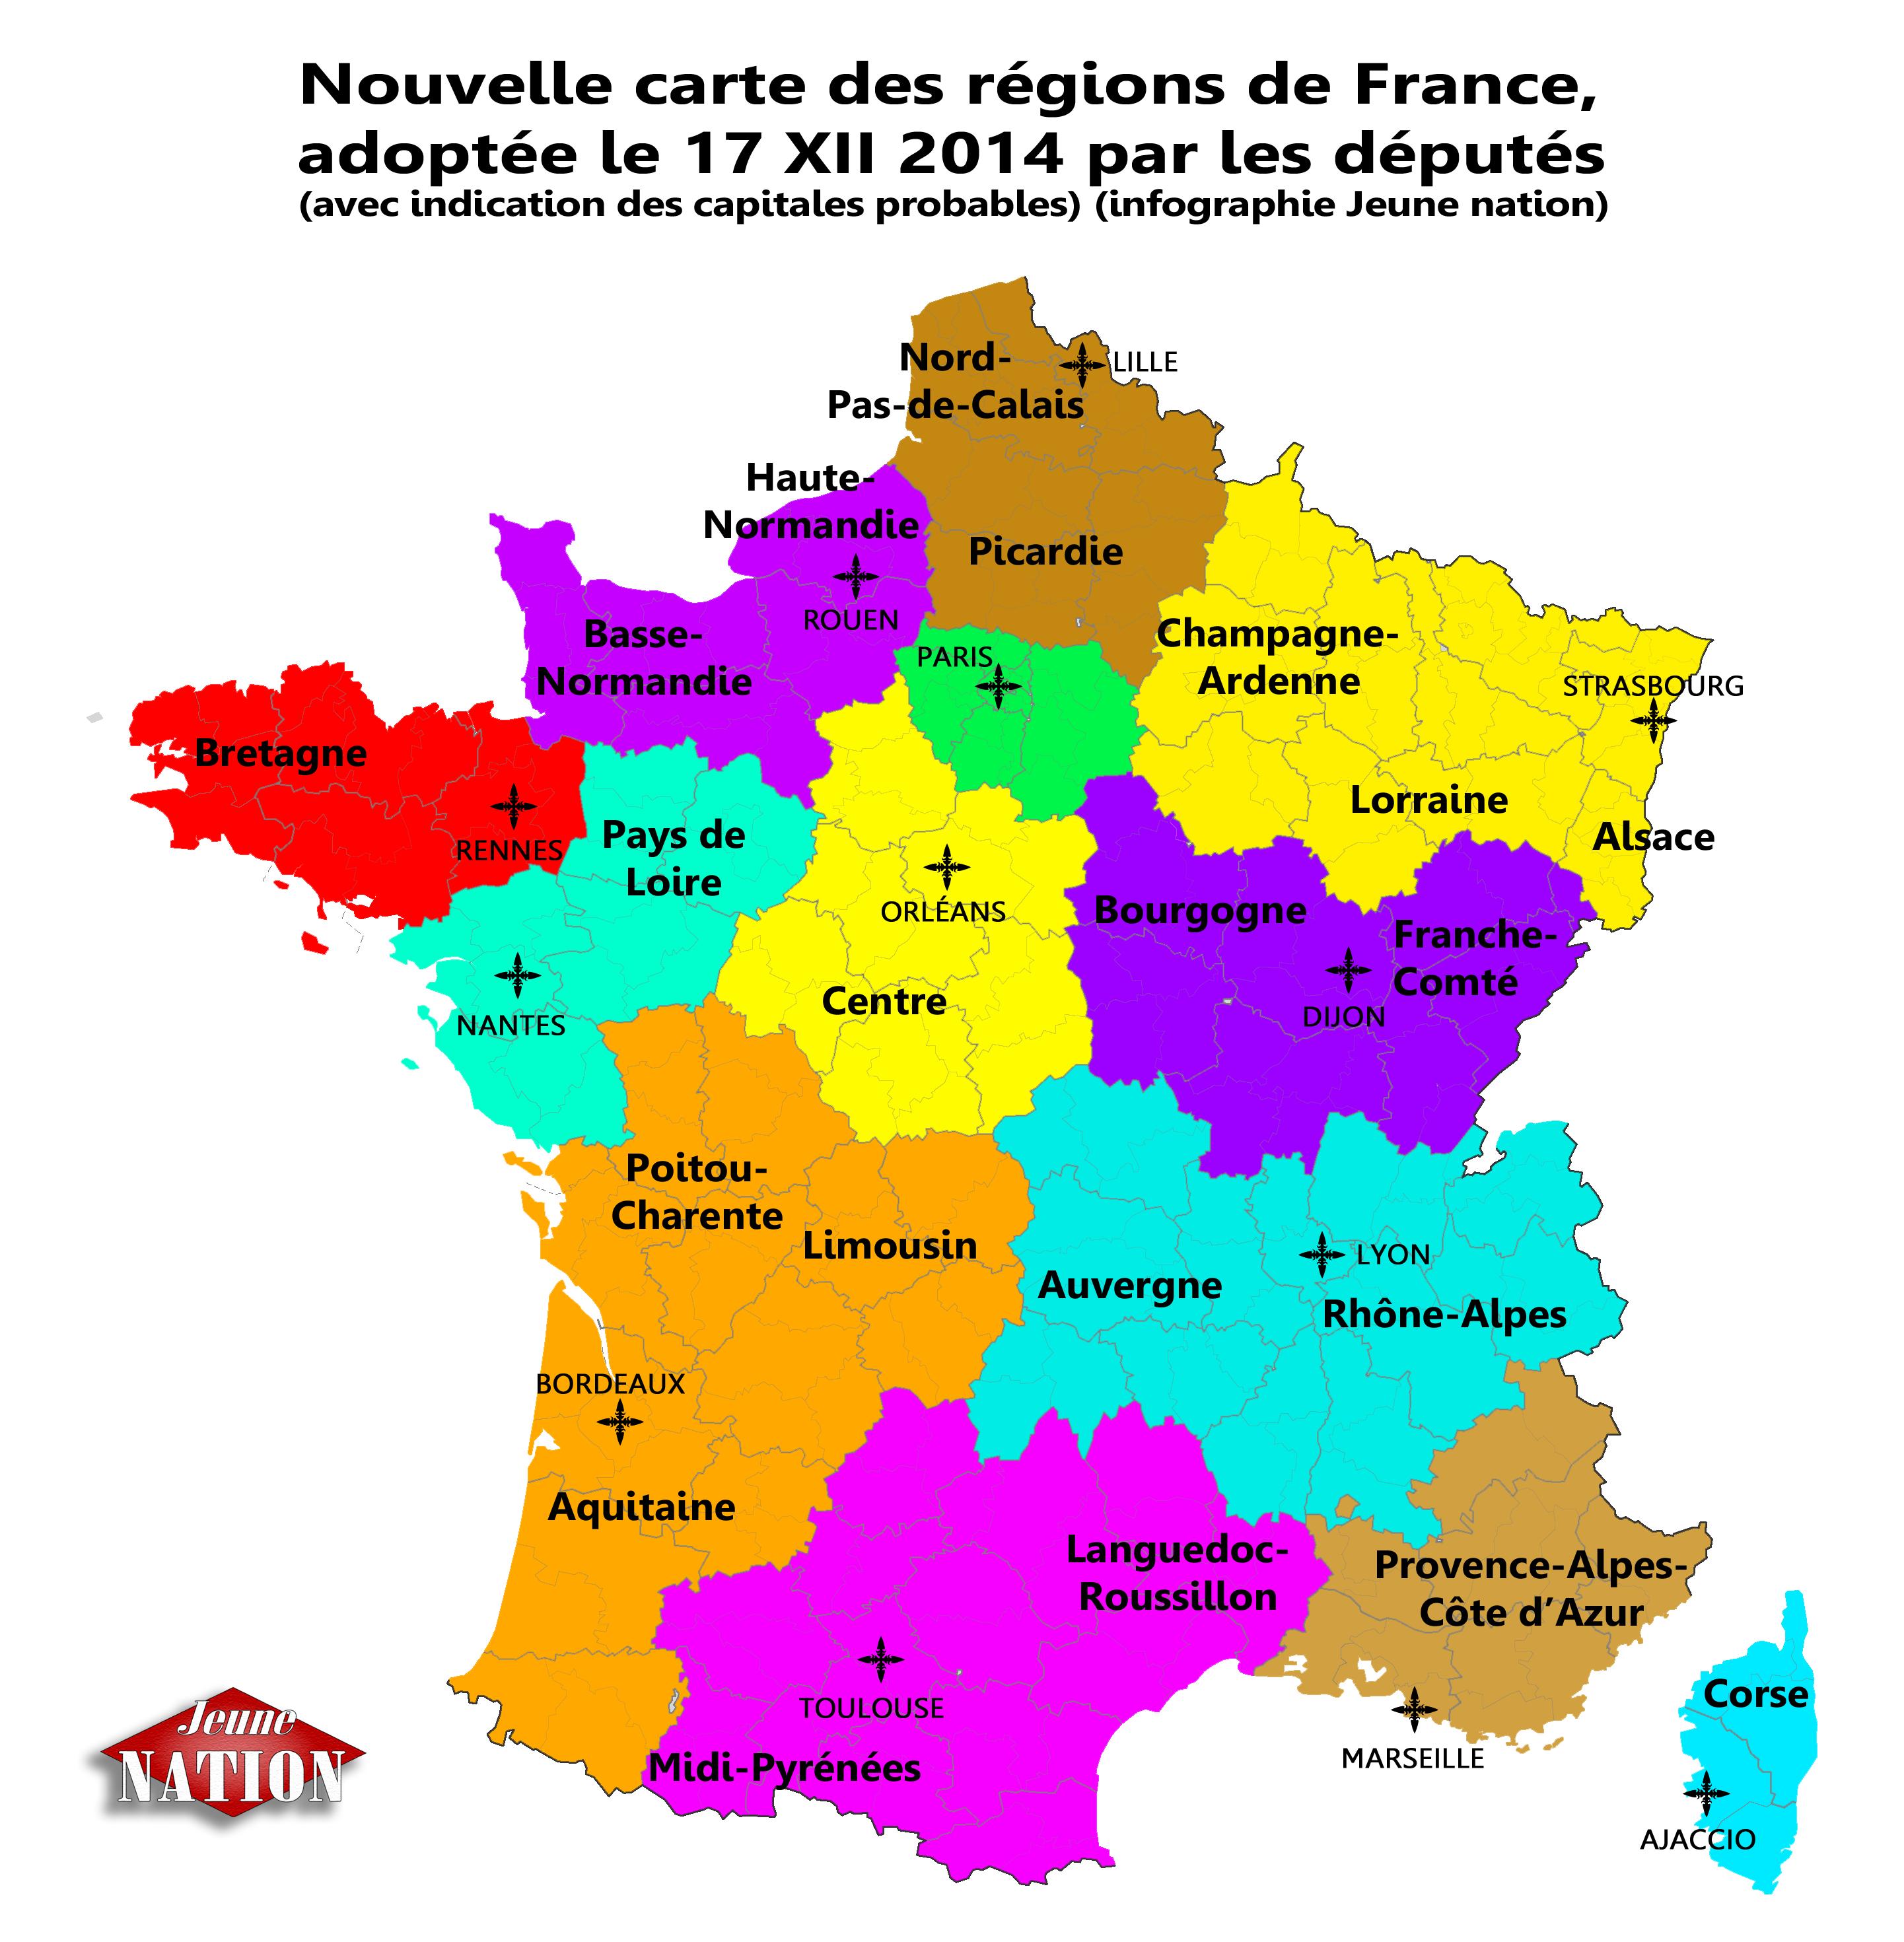 Réforme territoriale : les députés valident définitivement une carte à treize régions   Jeune Nation